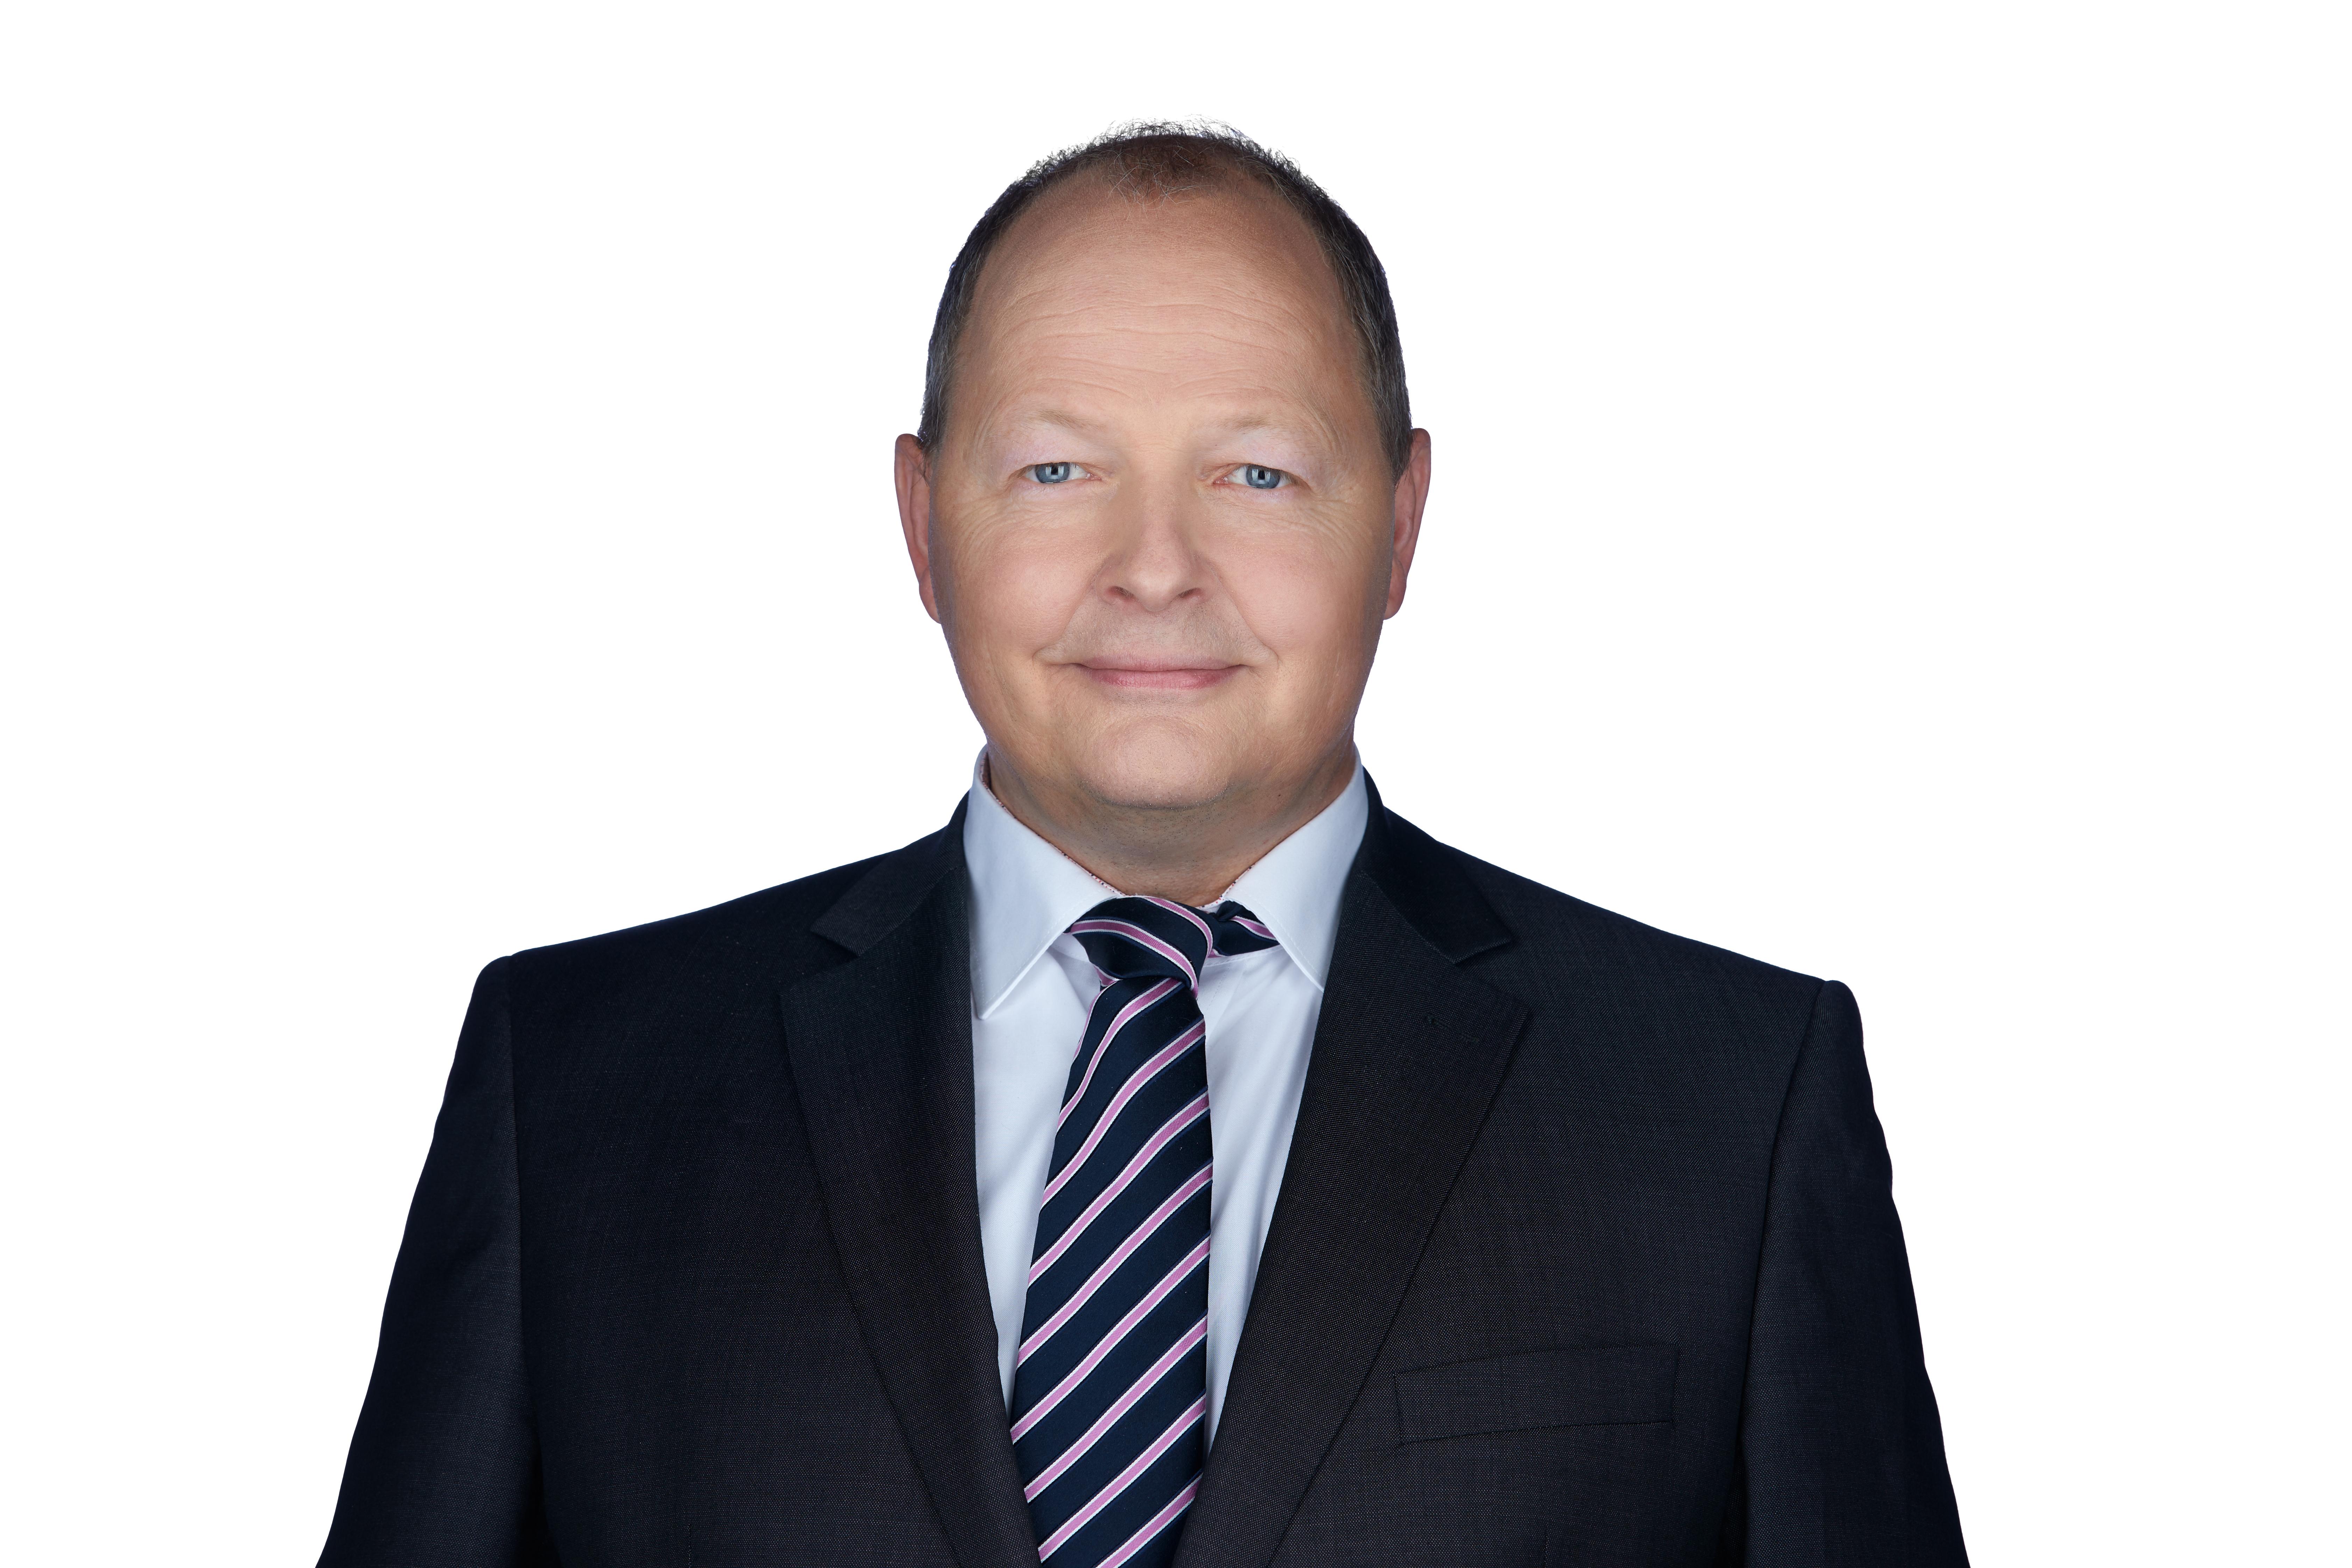 Ulrich Kosciessa, Ph.D.